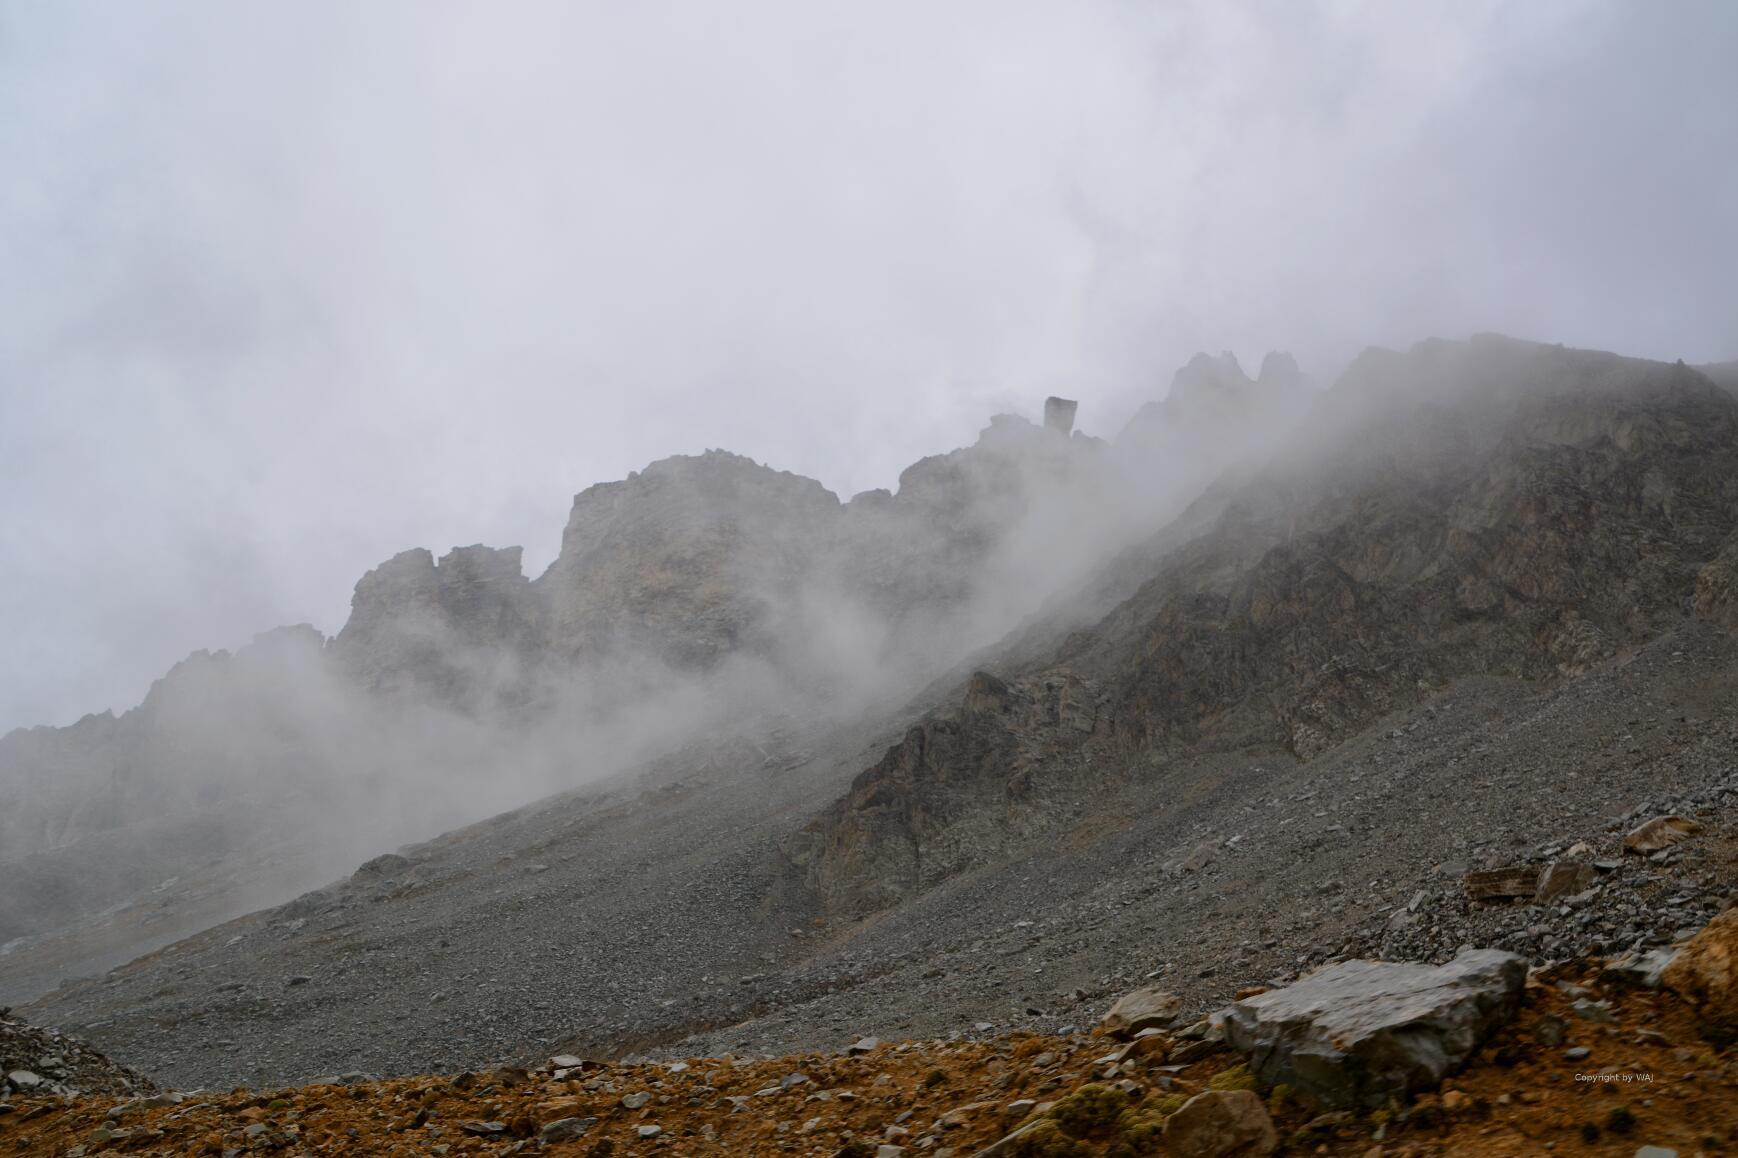 Wolkenschleier ziehen über die Hänge